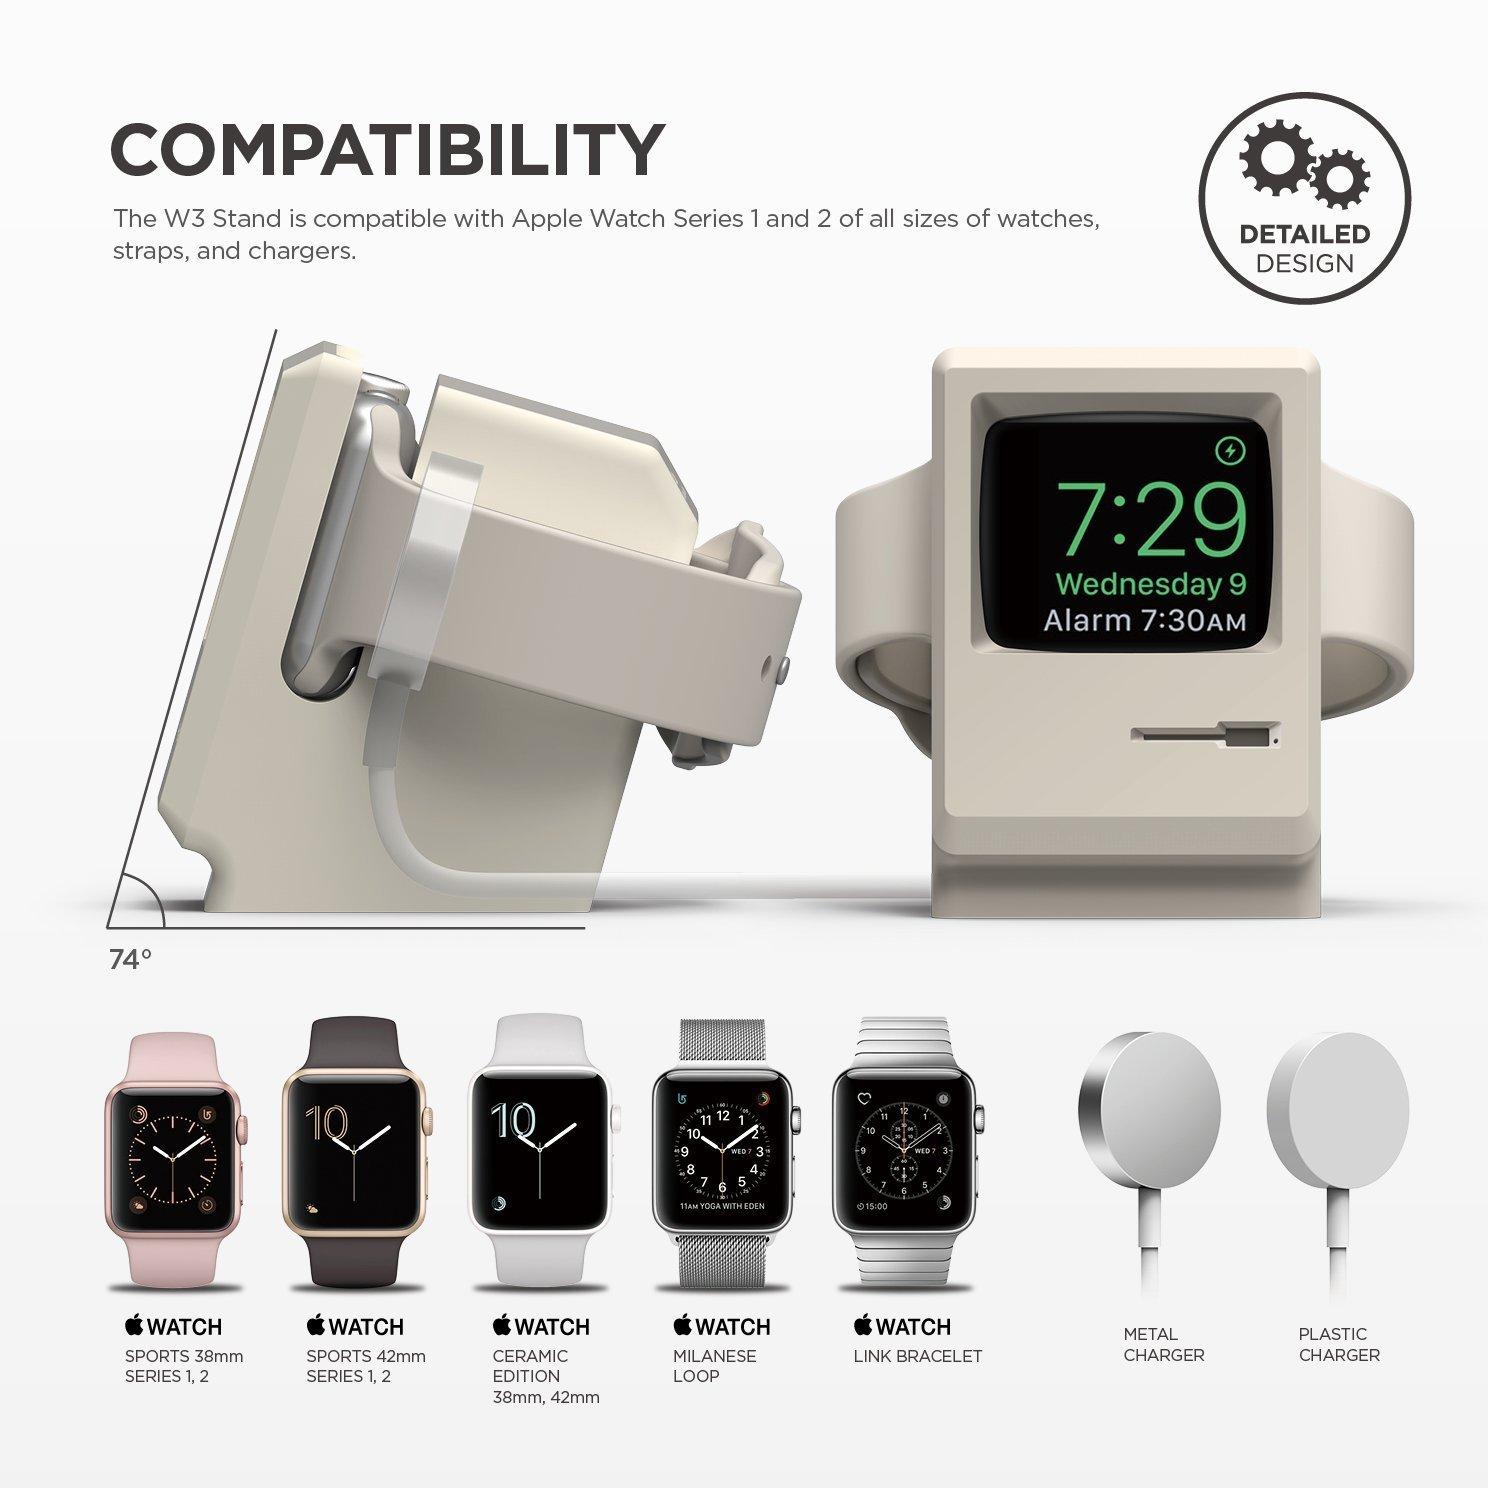 初代マッキントッシュ風のApple Watch専用充電器「elago W3 STAND」